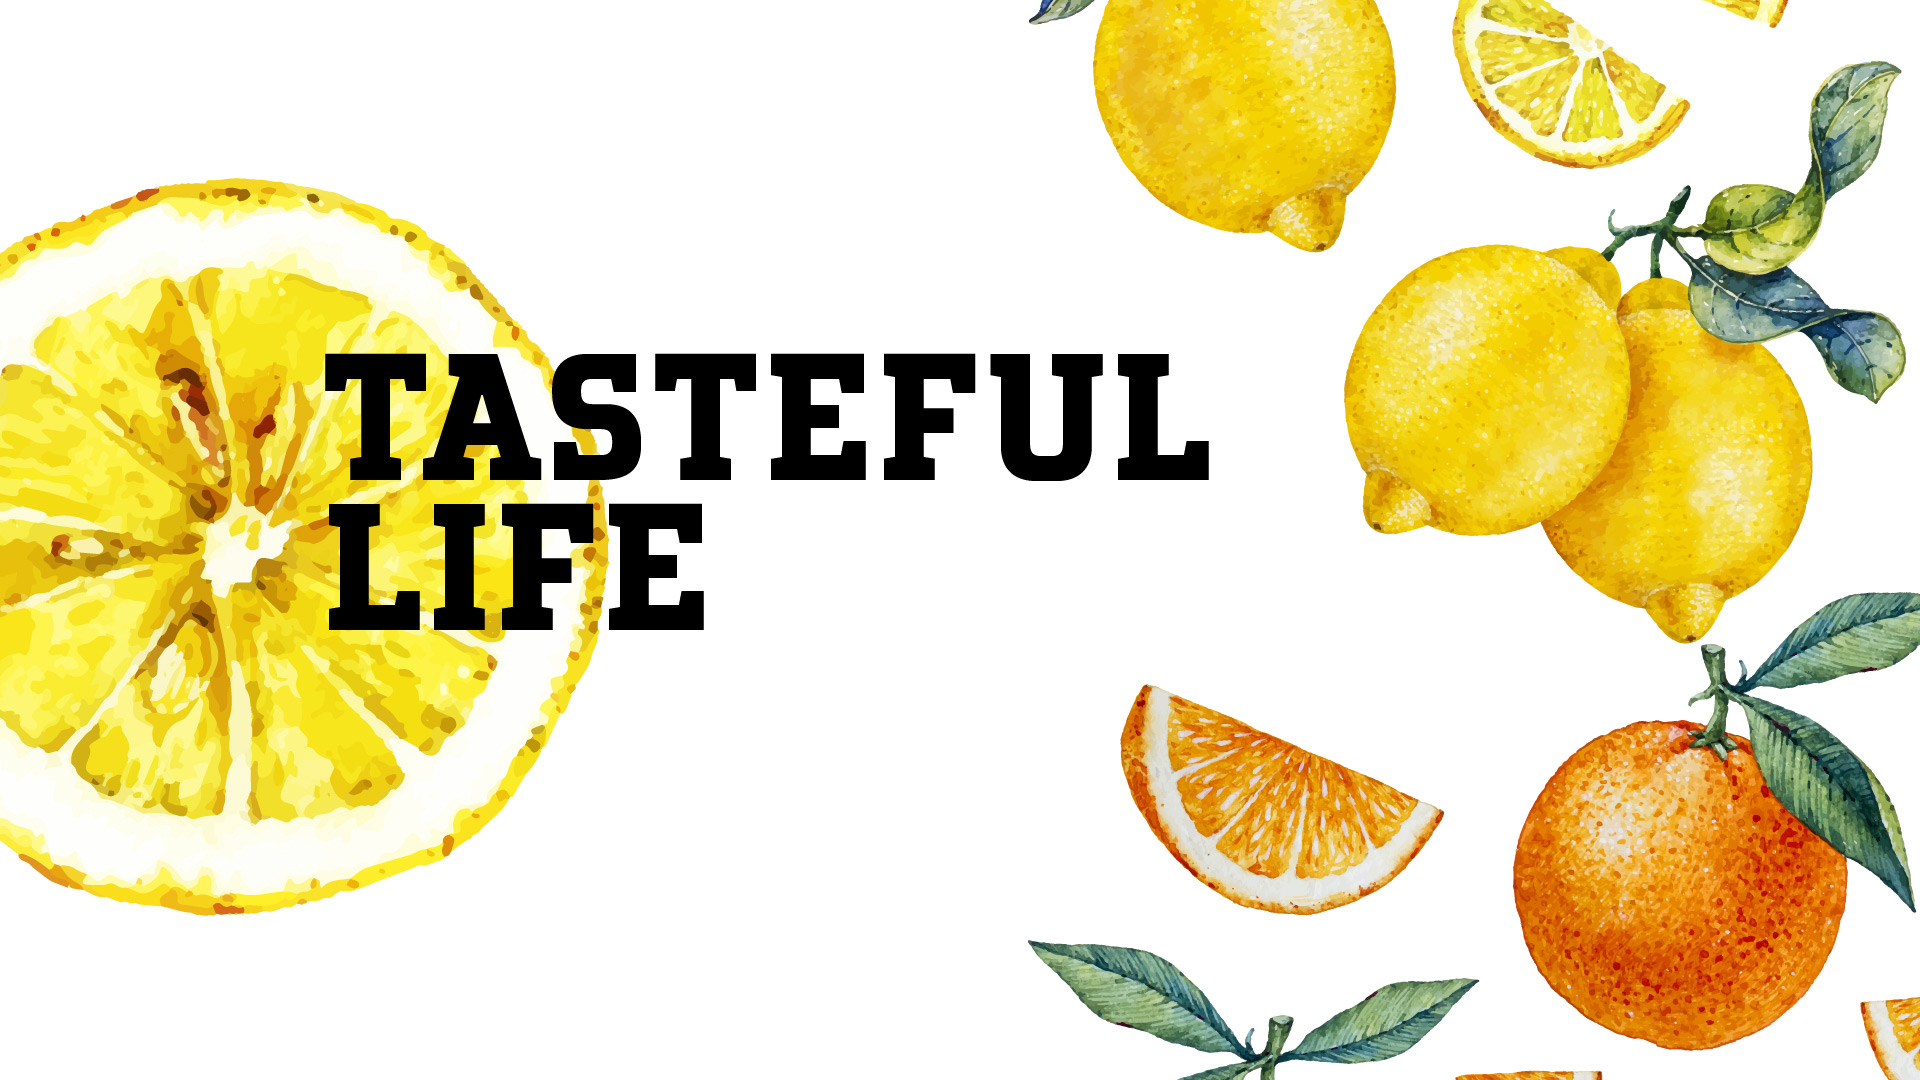 Tasteful Life